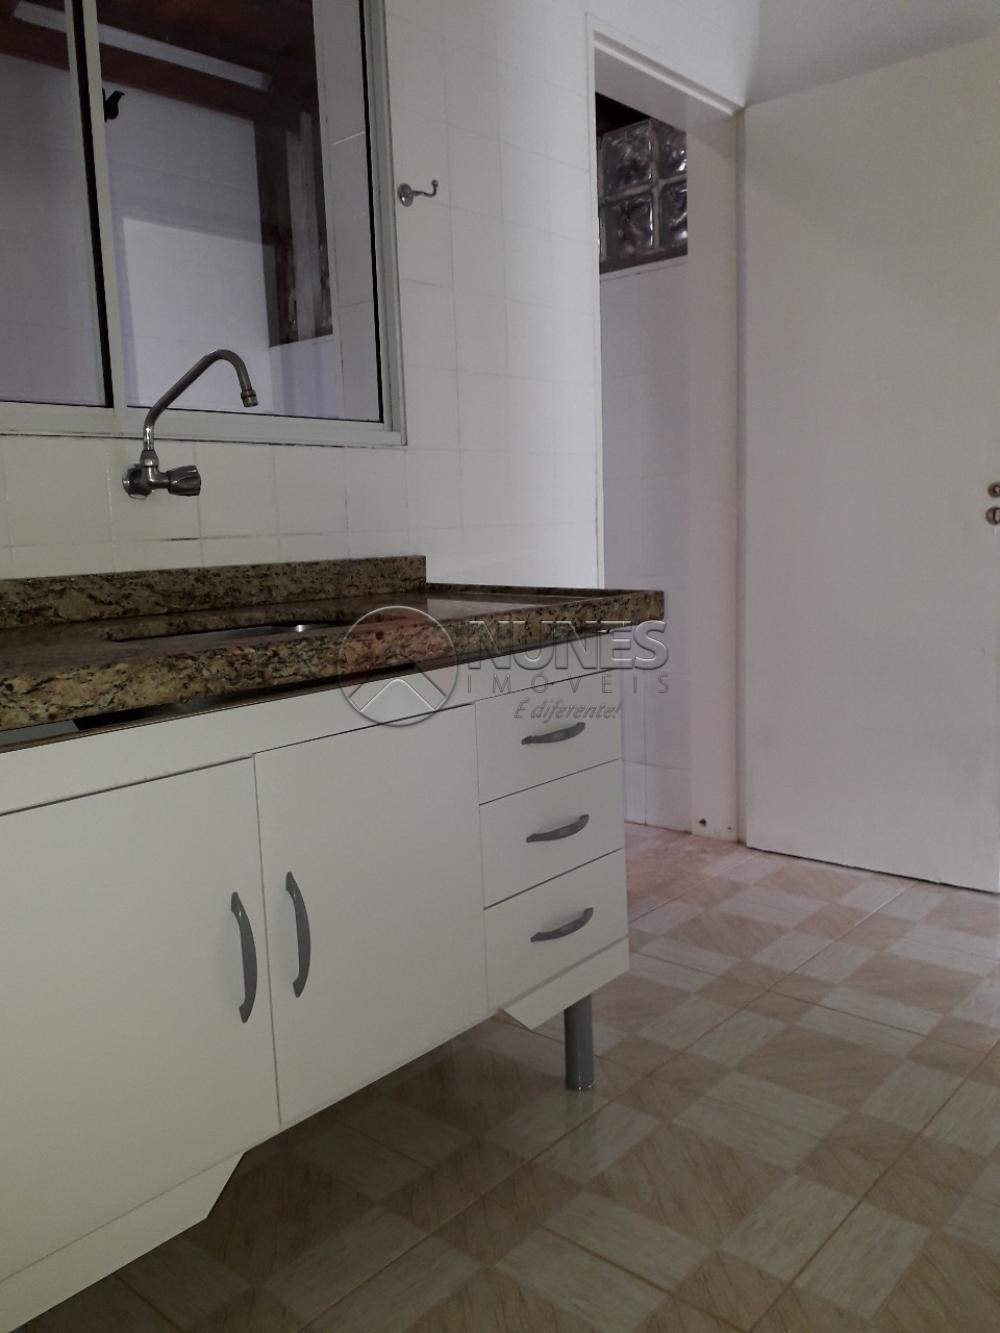 Alugar Casa / Sobrado em Condominio em São Paulo apenas R$ 1.000,00 - Foto 7